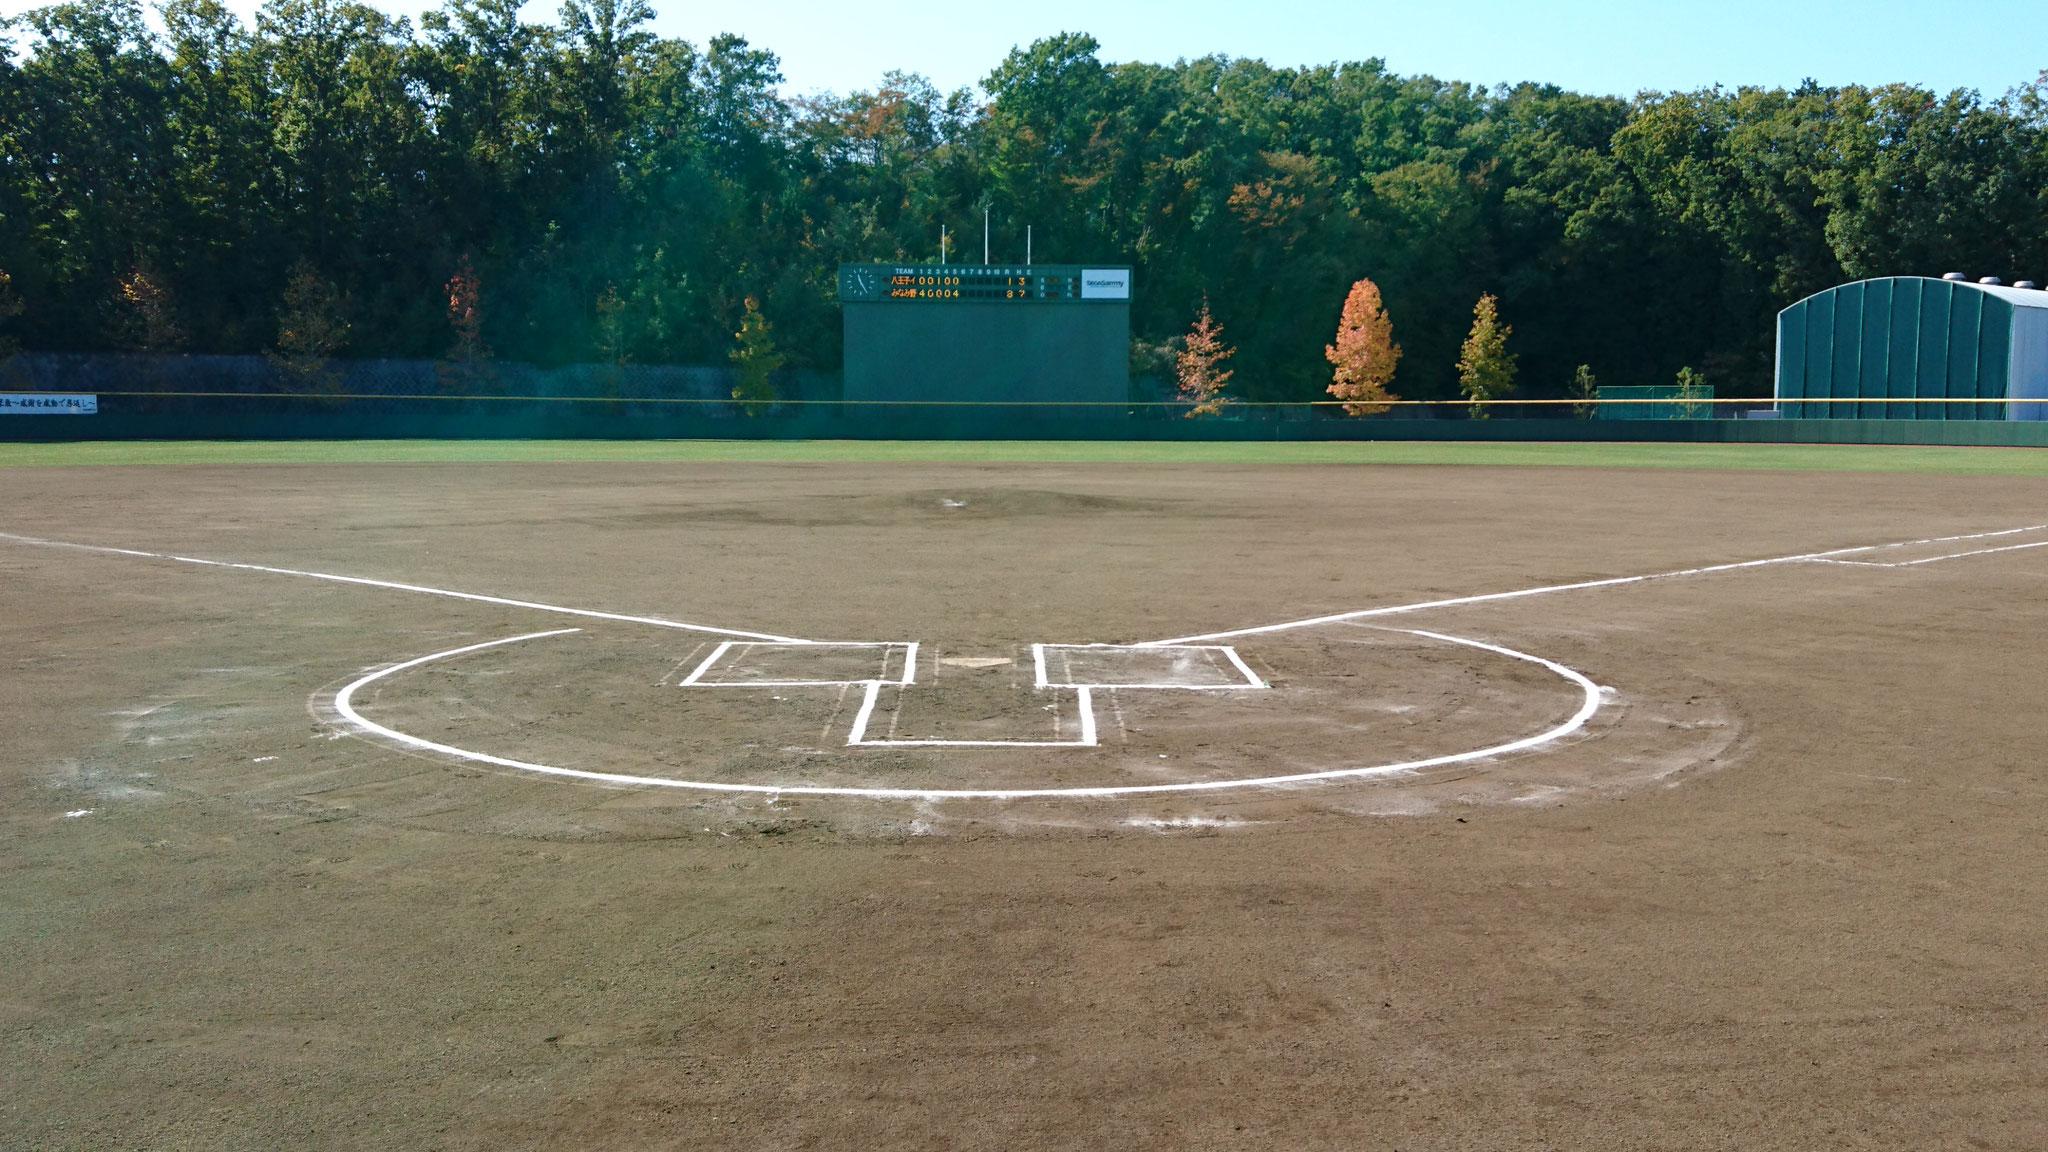 第33回 八王子市少年軟式野球 選手権大会 セガサミー野球場 令和元年11月10日